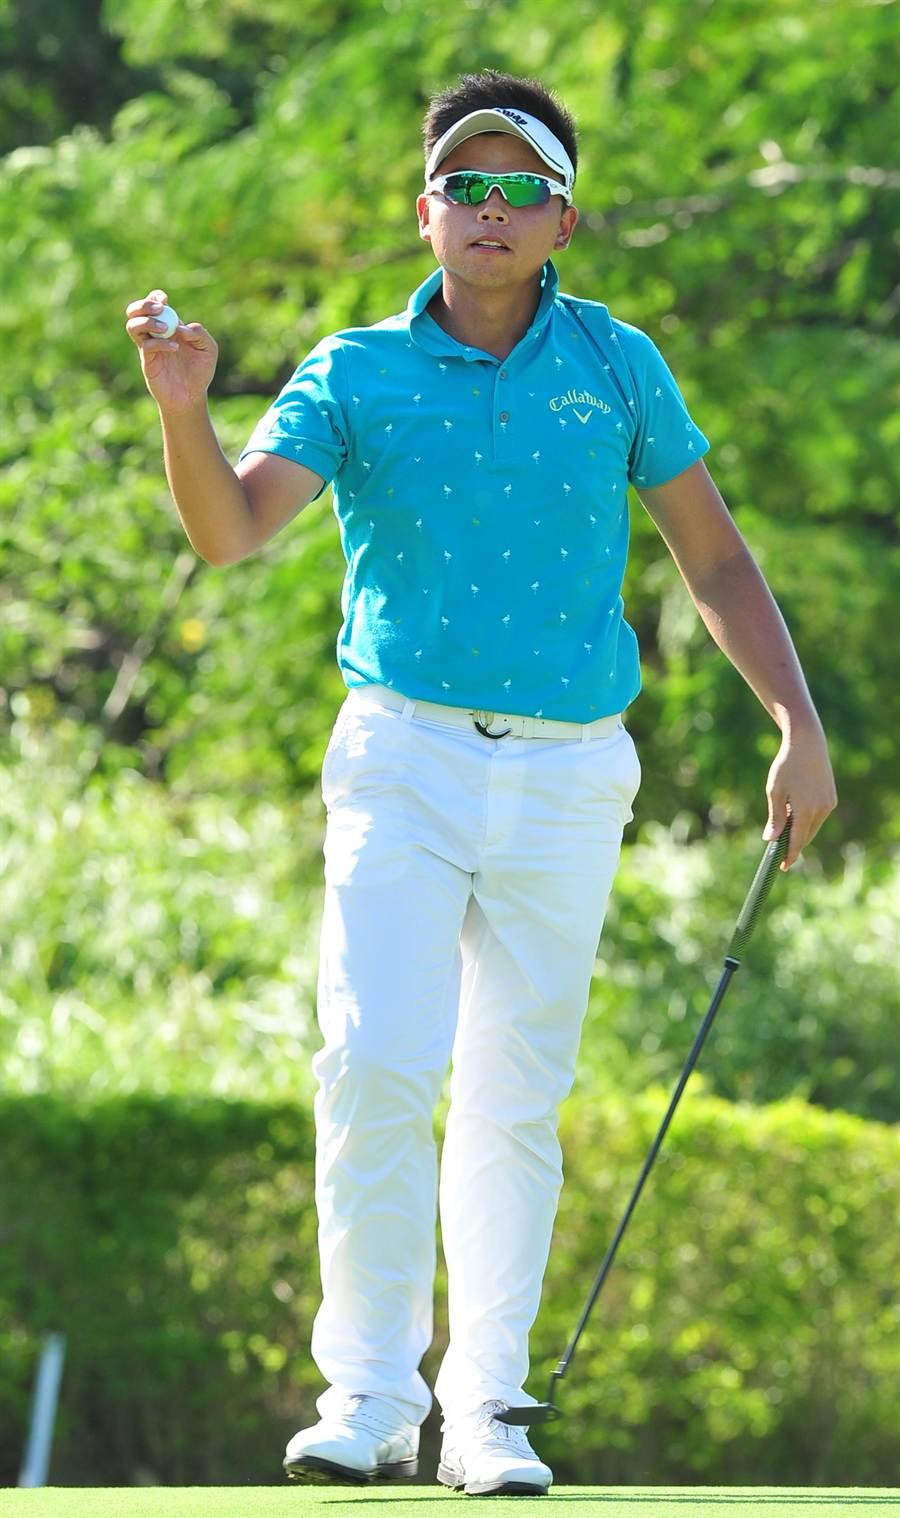 洪健堯以排名最佳台灣選手作收,希望25歲之前有機會赴美征戰。(劉宗龍攝)